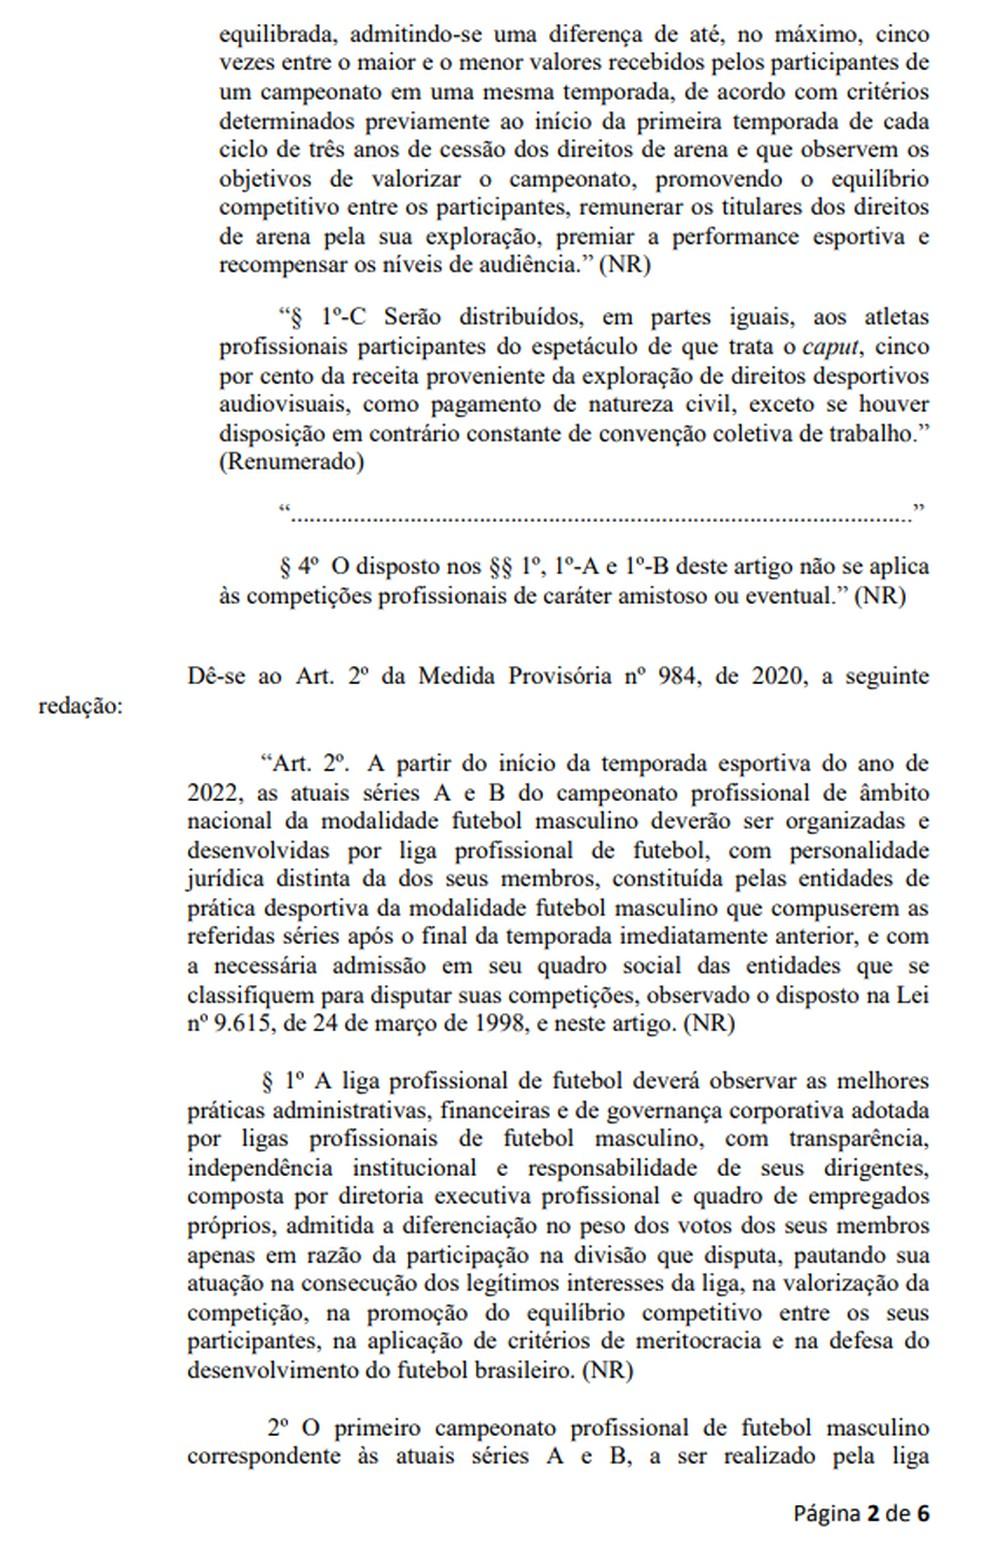 Página 2 da proposta de emenda à MP 984